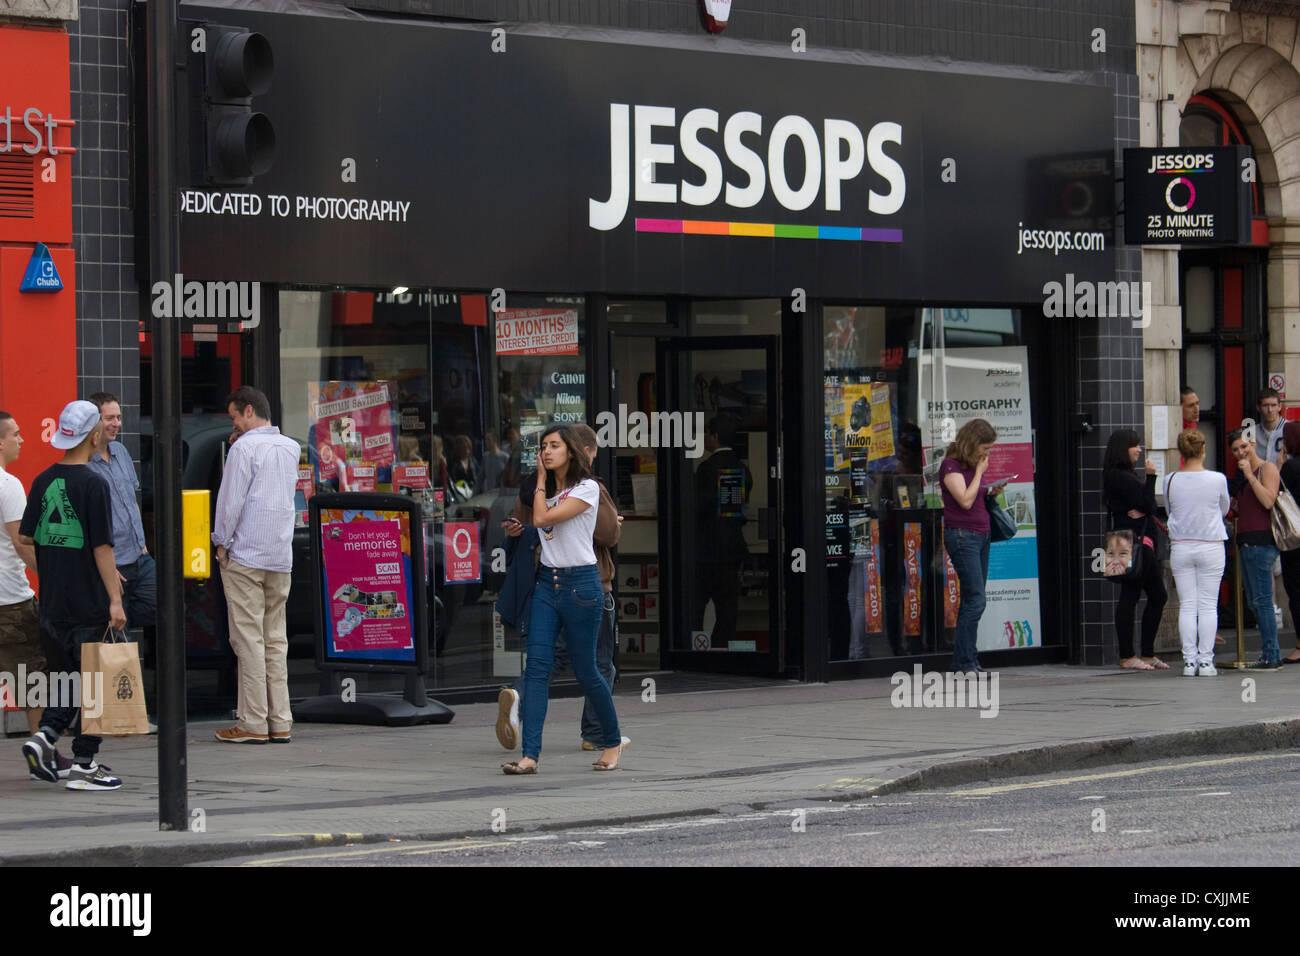 Oxford Street jessops distributeur photographique shop store Photo Stock